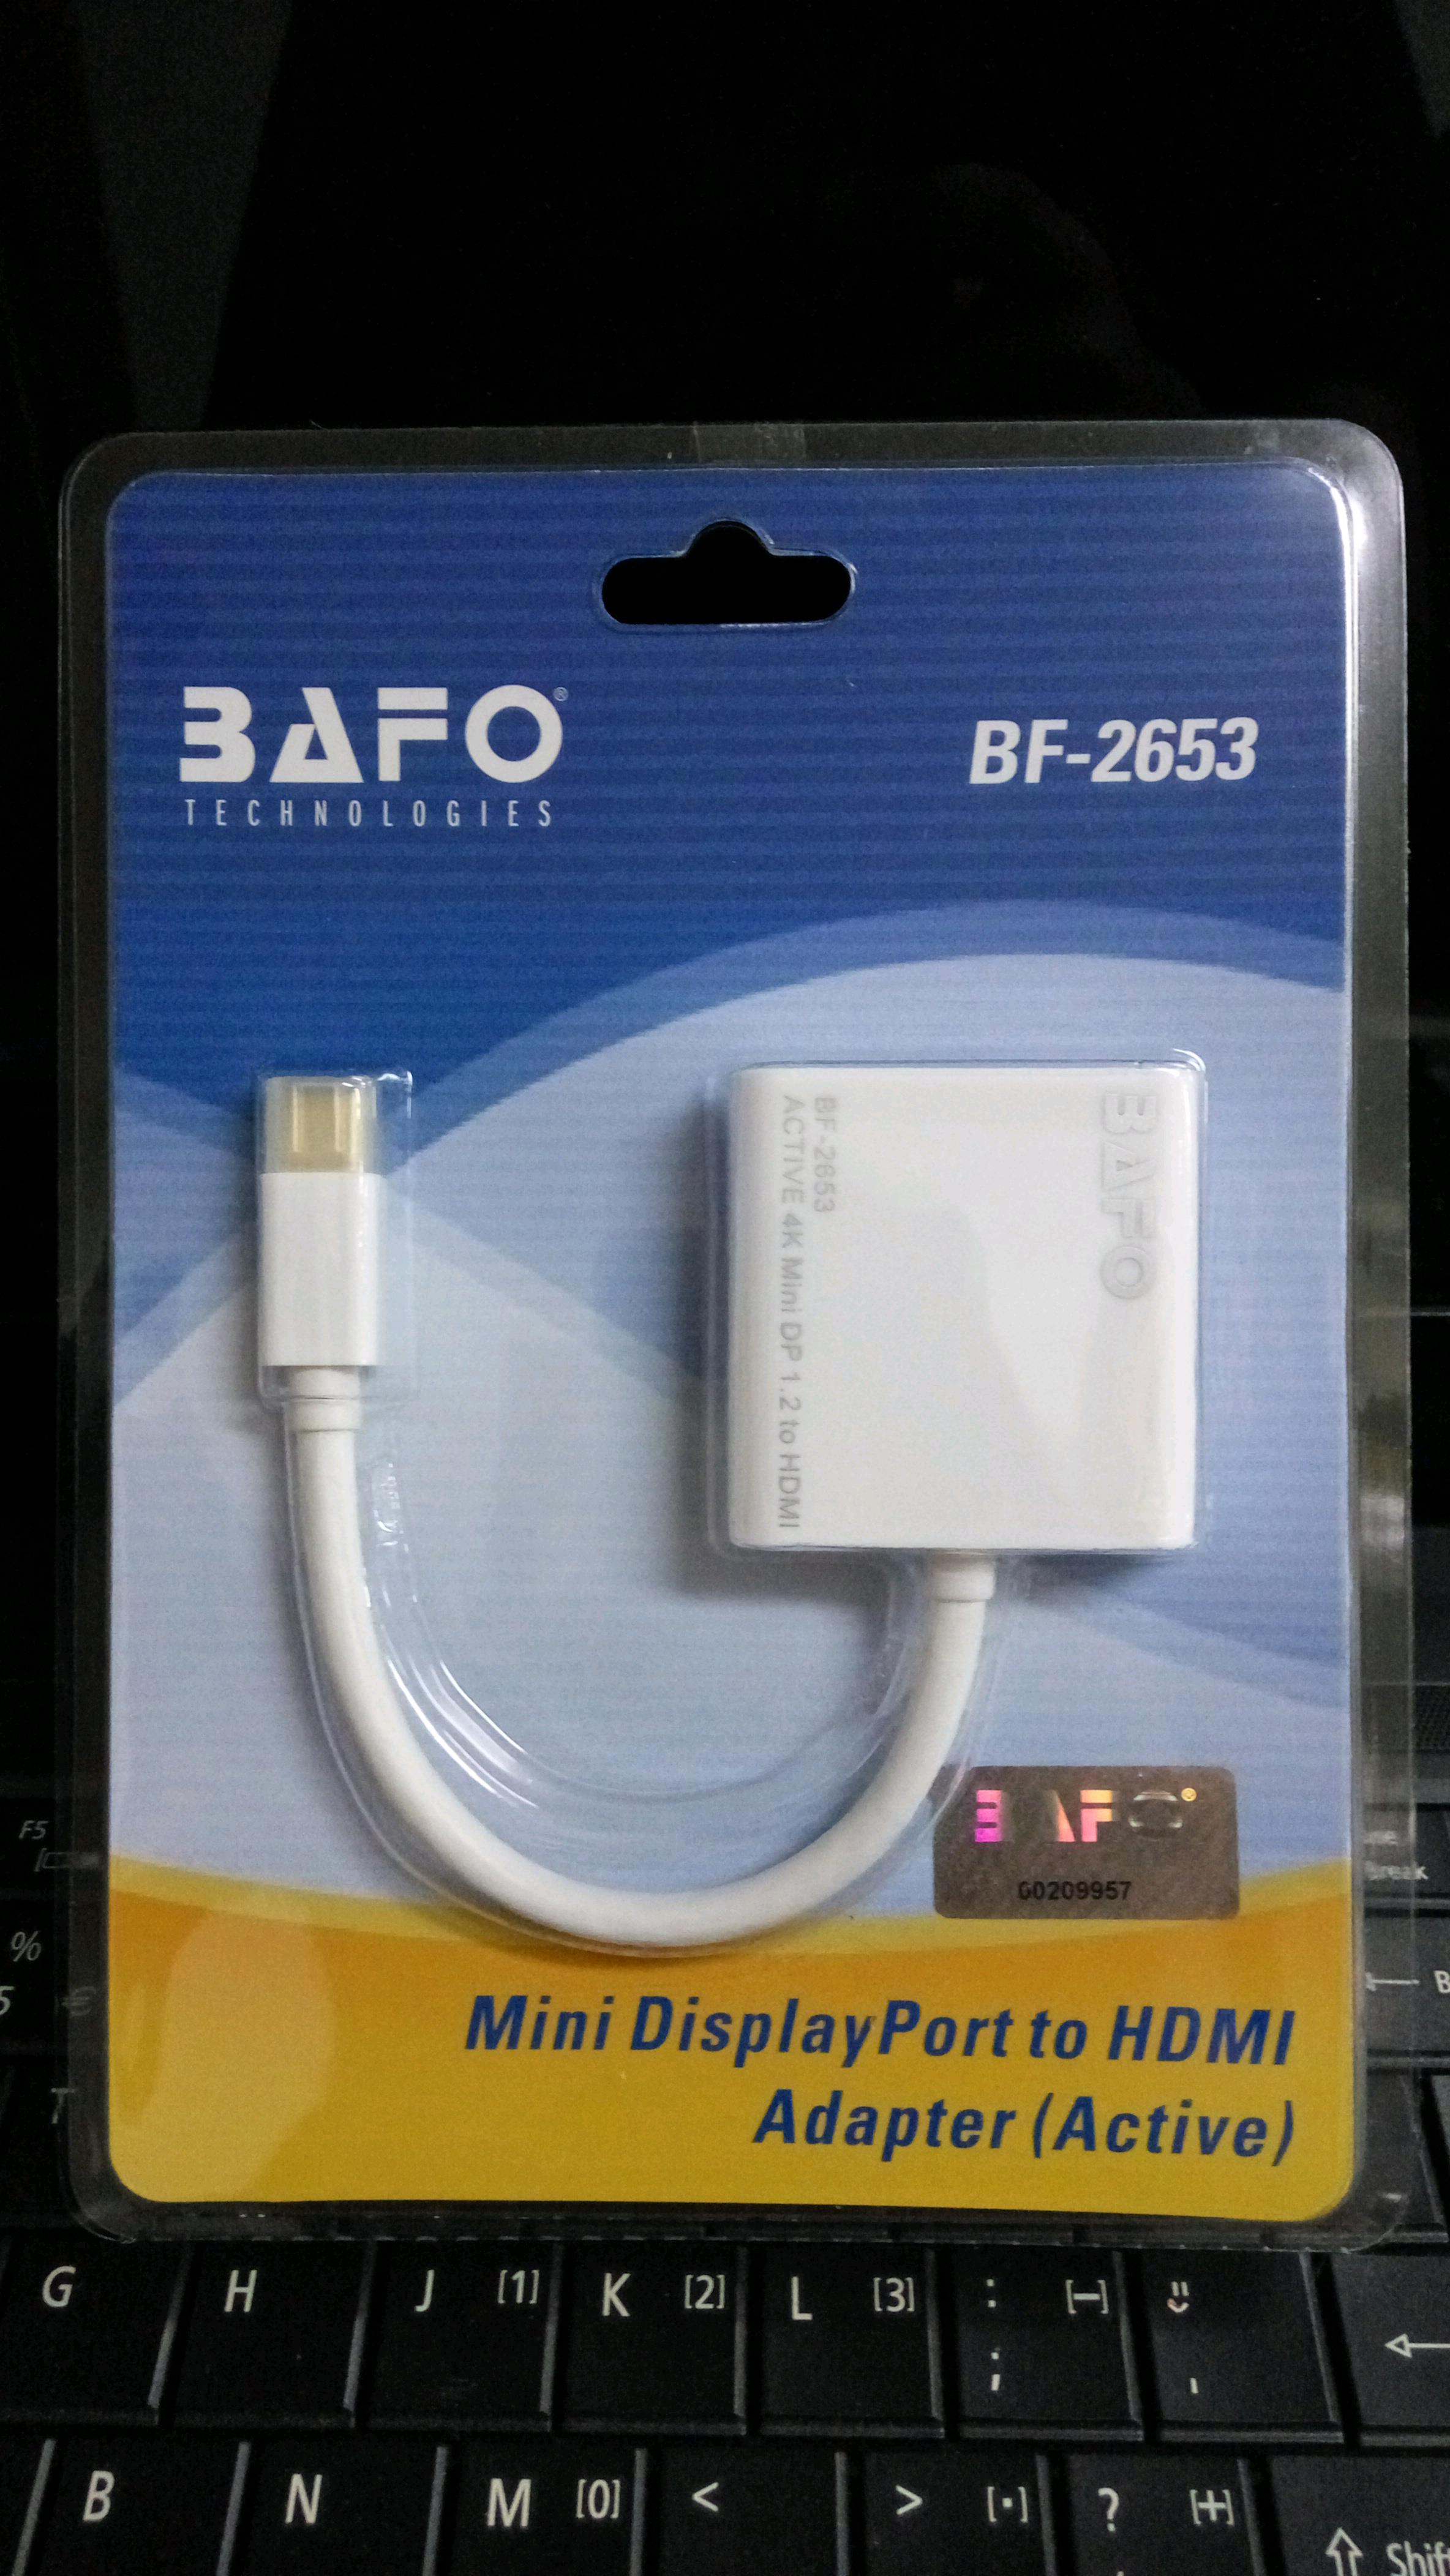 قیمت خرید کابل تبدیل Mini Display به HDMI بافو مدل BF-2653